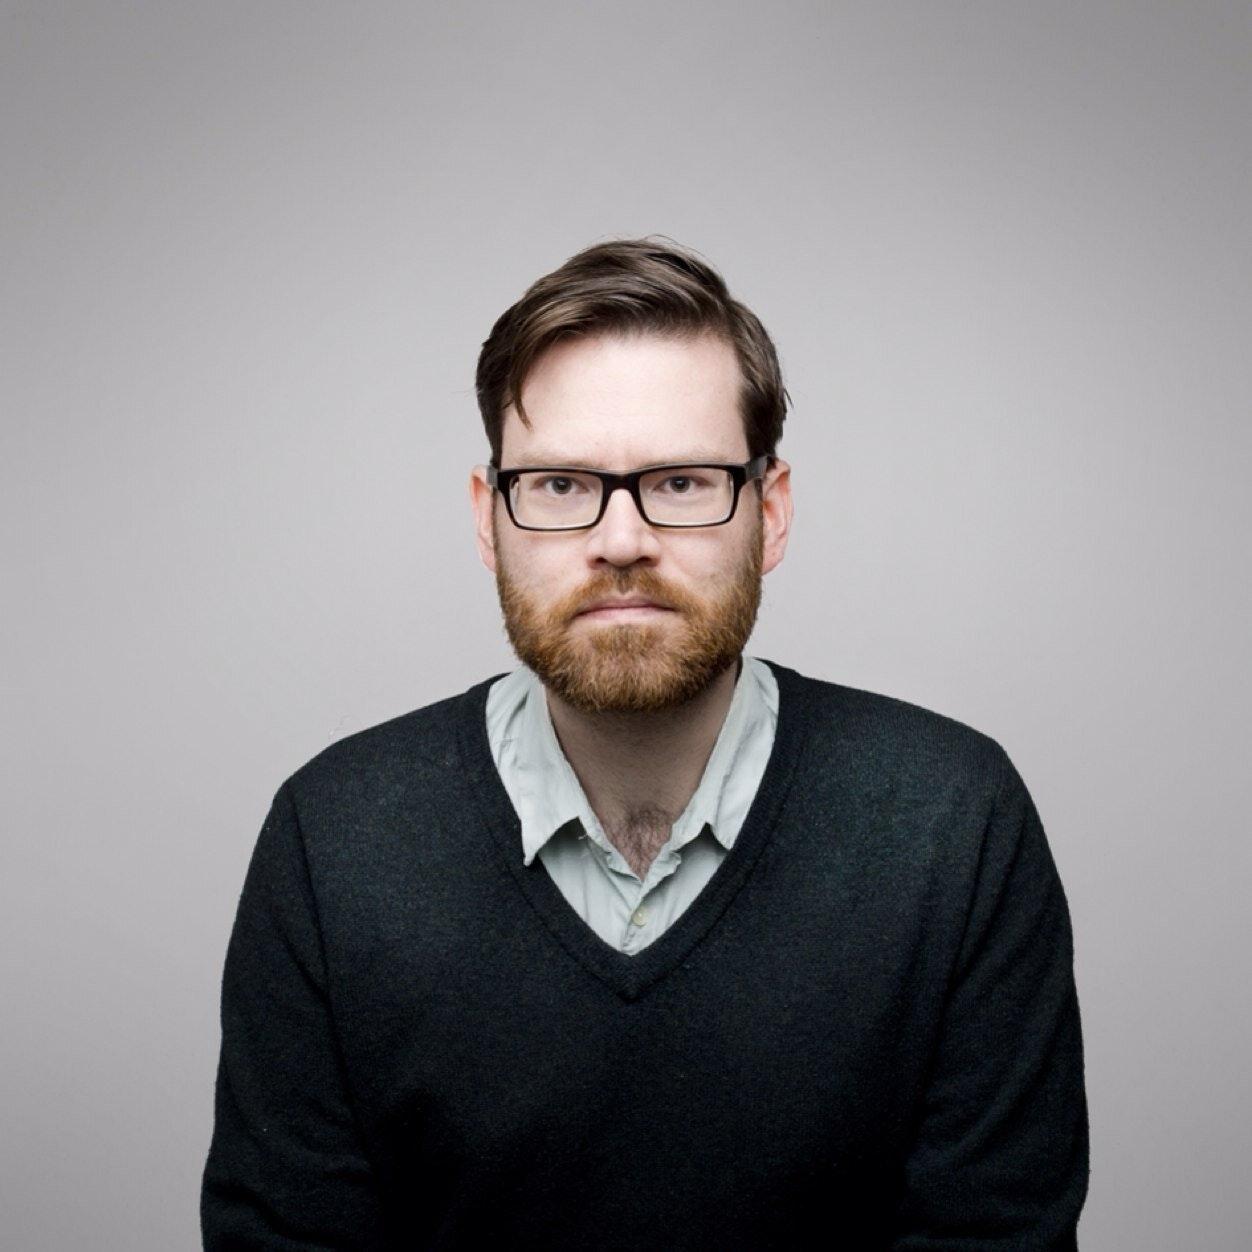 Florian Schroiff